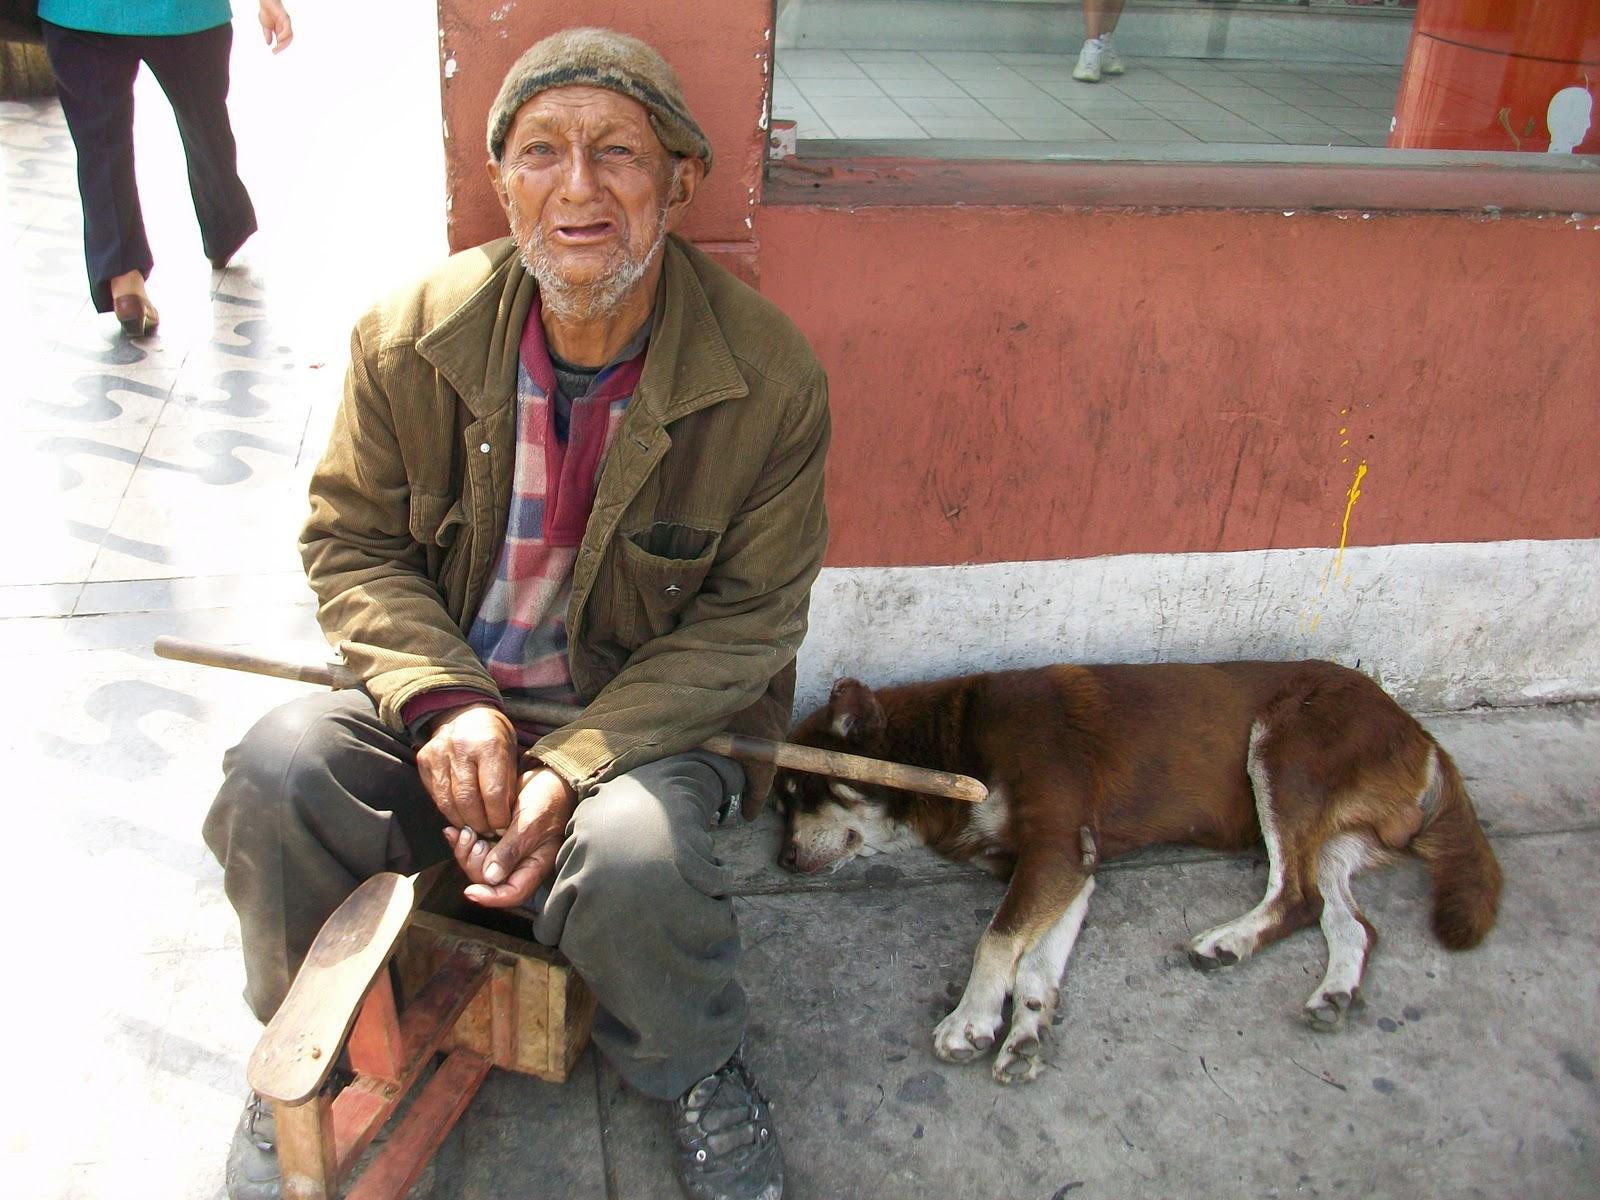 mexicanas llorando de dolor - PORNO 100 GRATIS